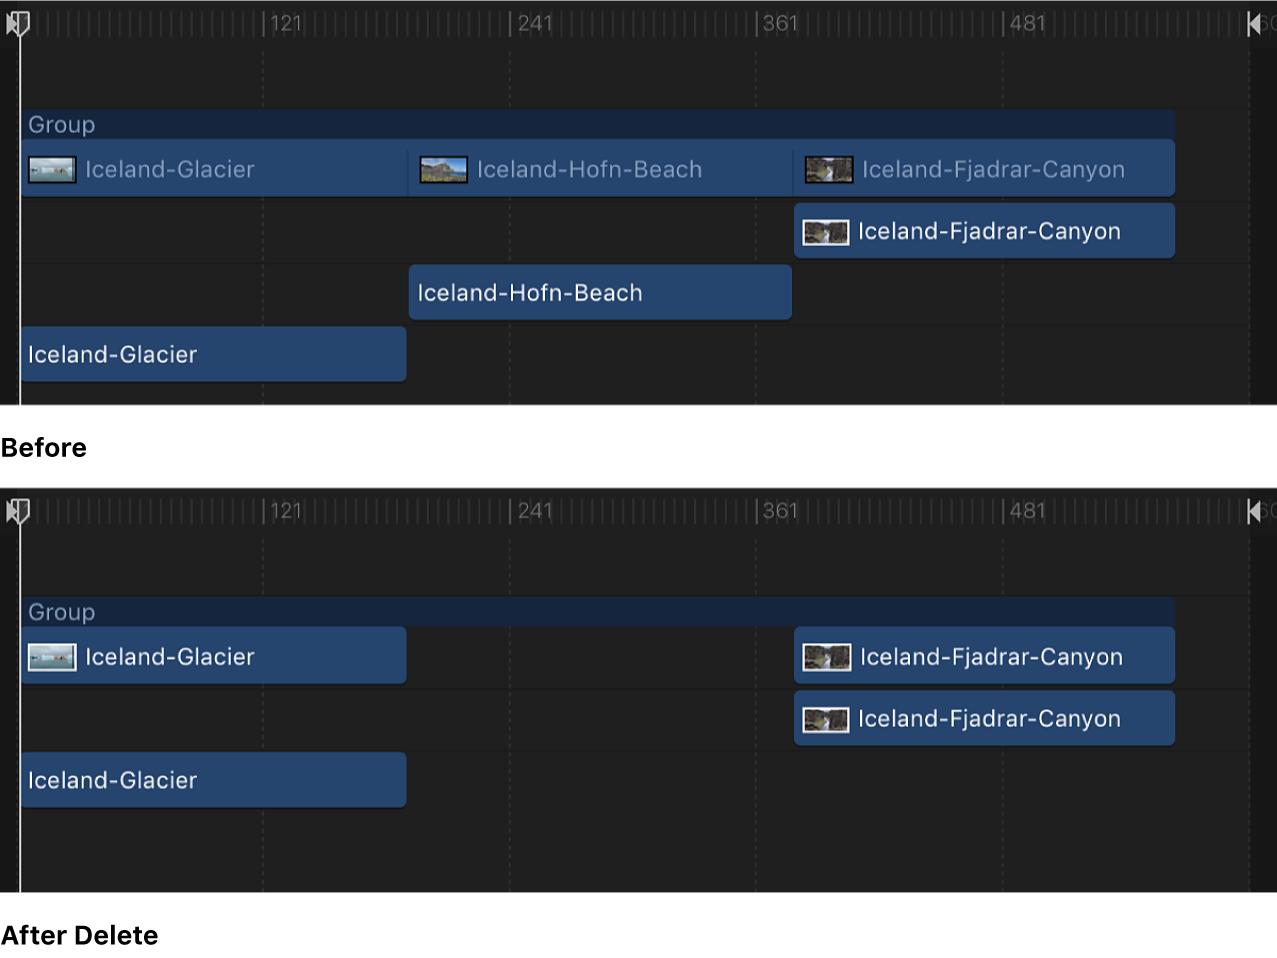 Timeline mit drei Objekten, von denen ein Objekt gelöscht wird